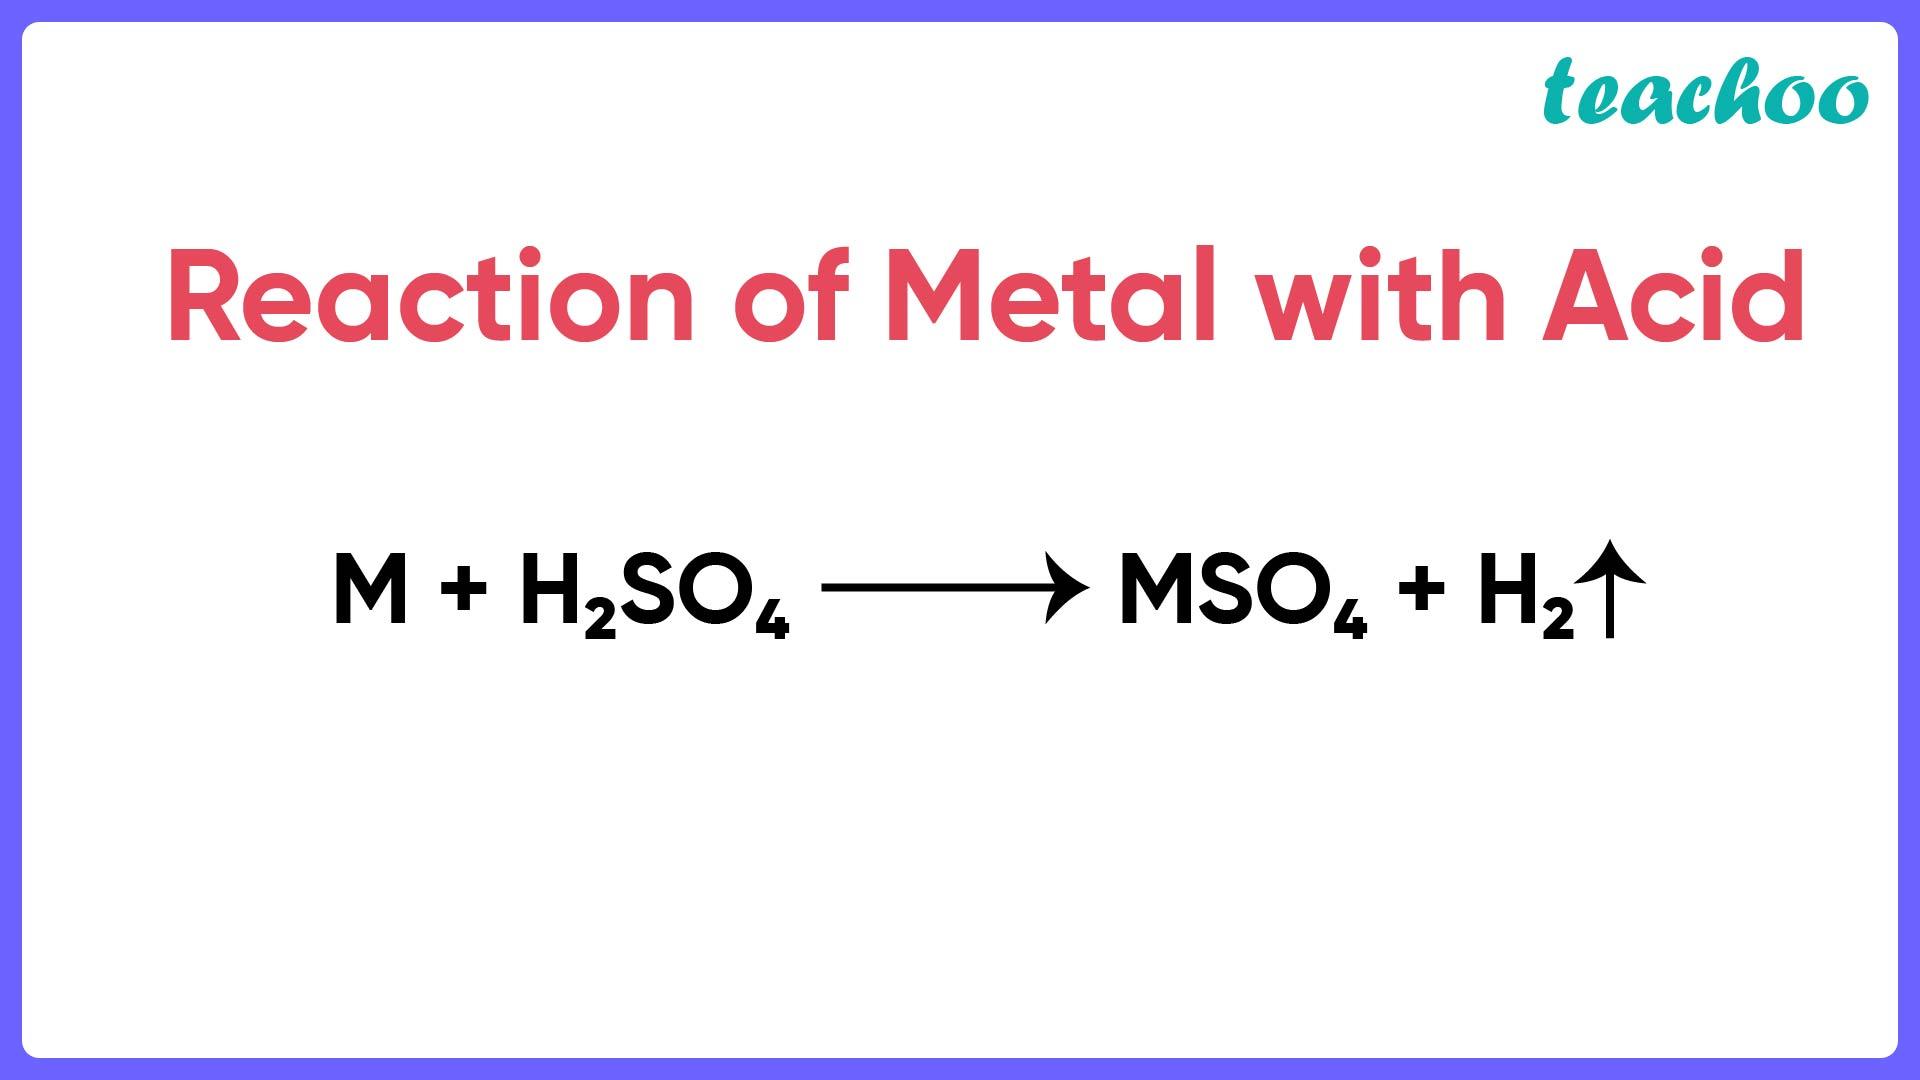 Reaction of Metal with Acid - Teachoo.jpg